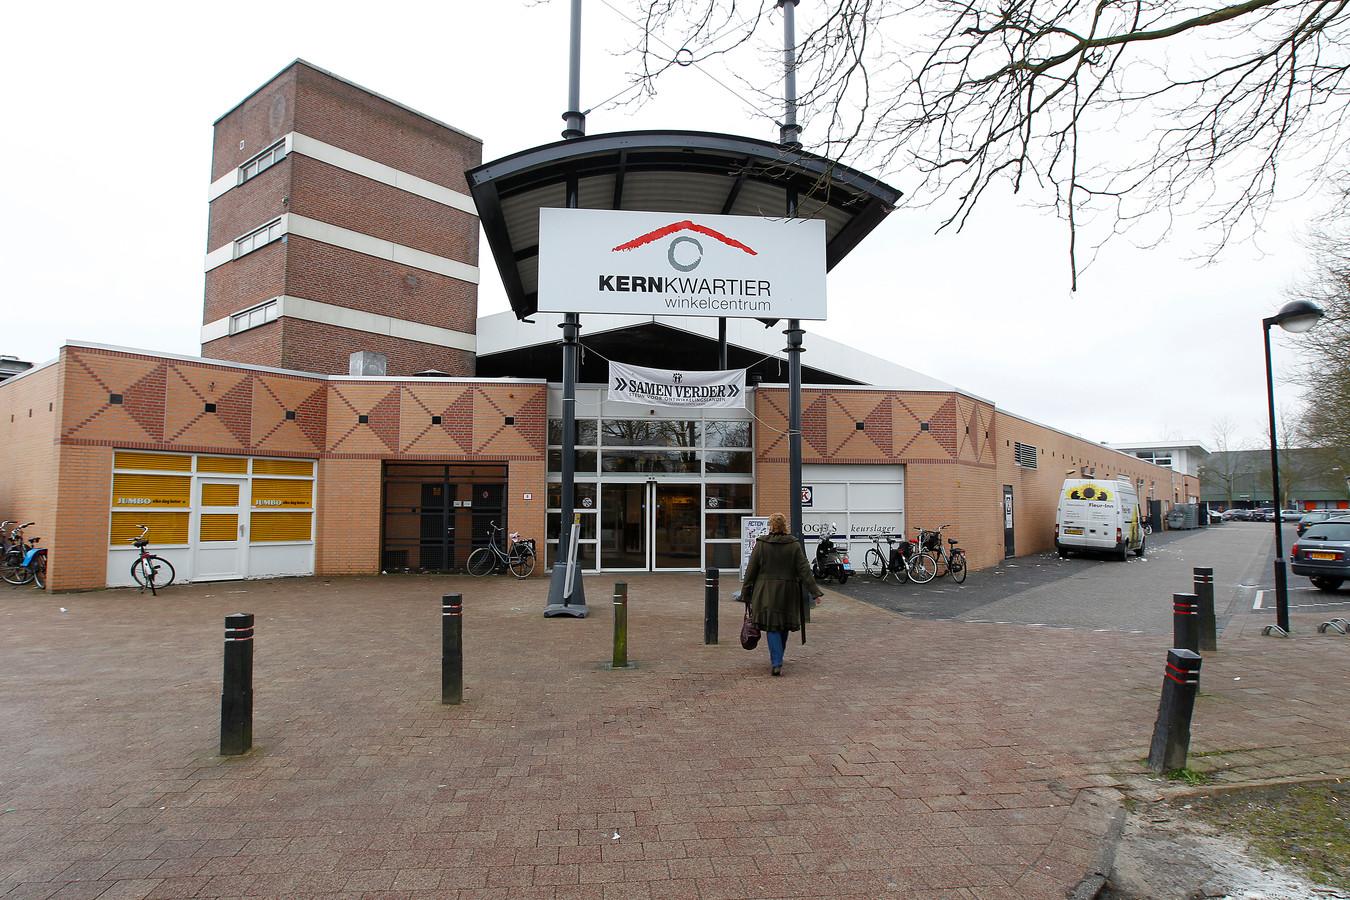 Winkelcentrum Kernkwartier in het zuiden van Nuenen